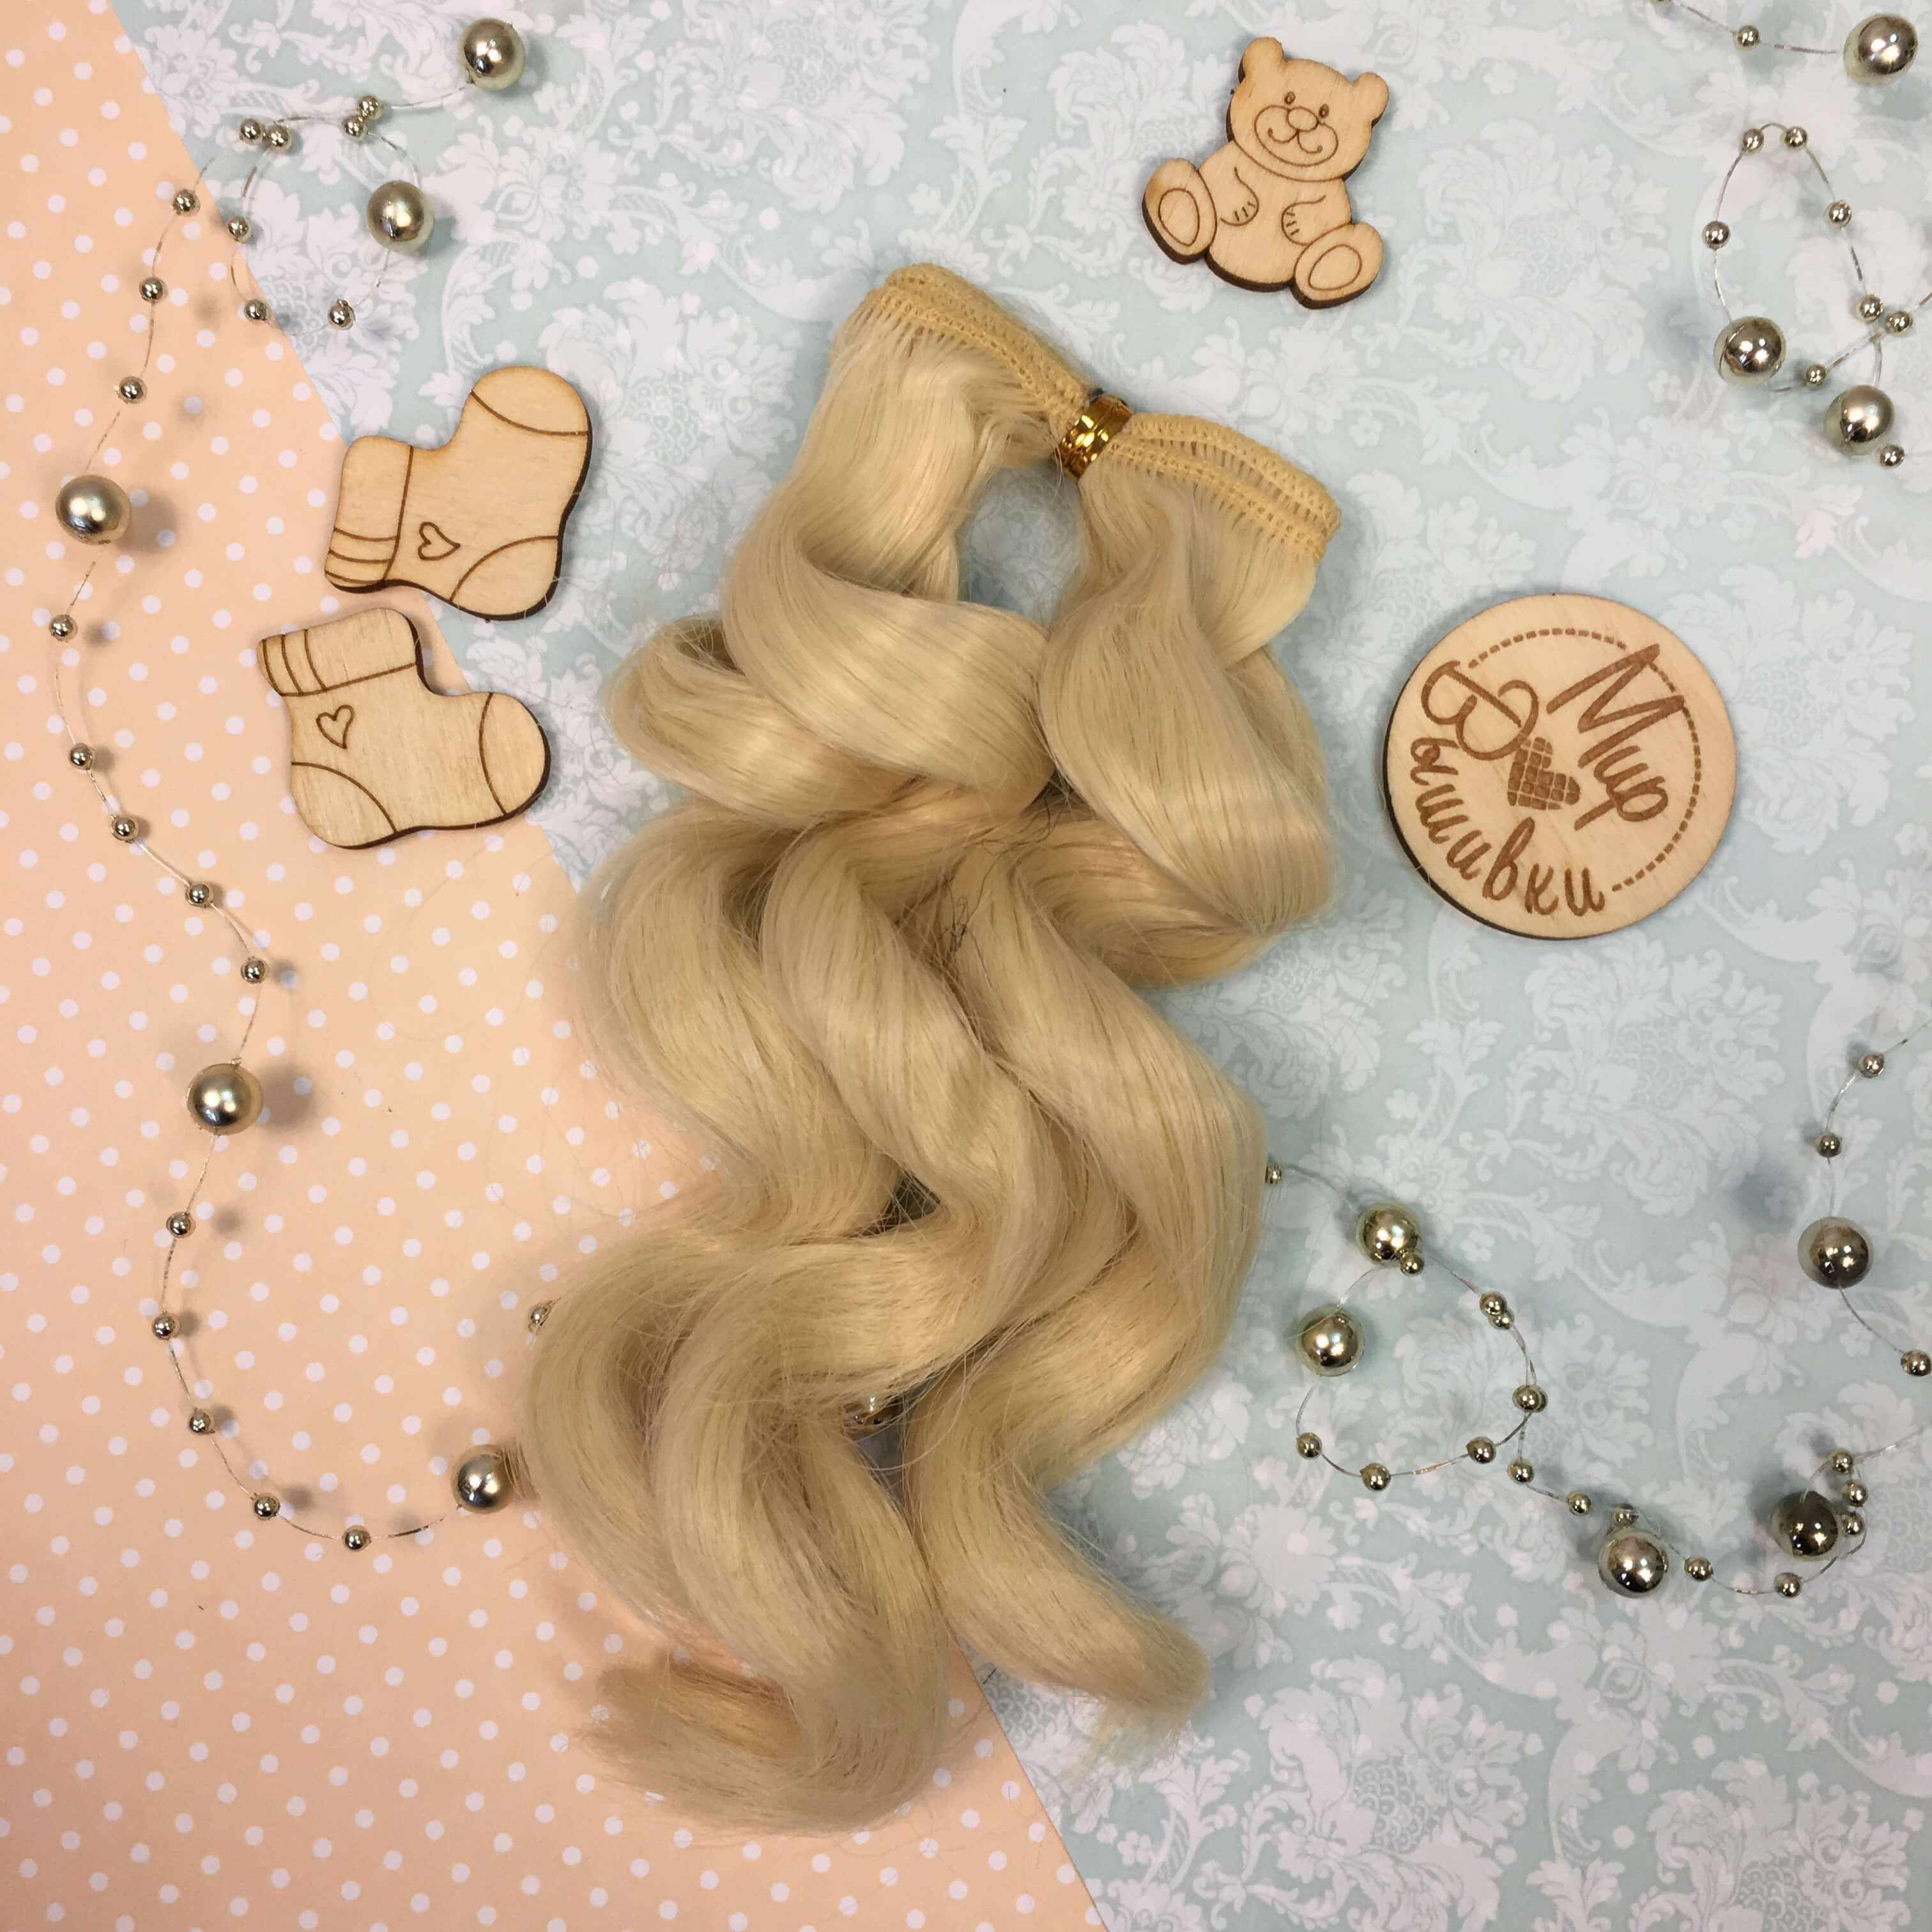 Волосы волна 5 (белый), 15 см